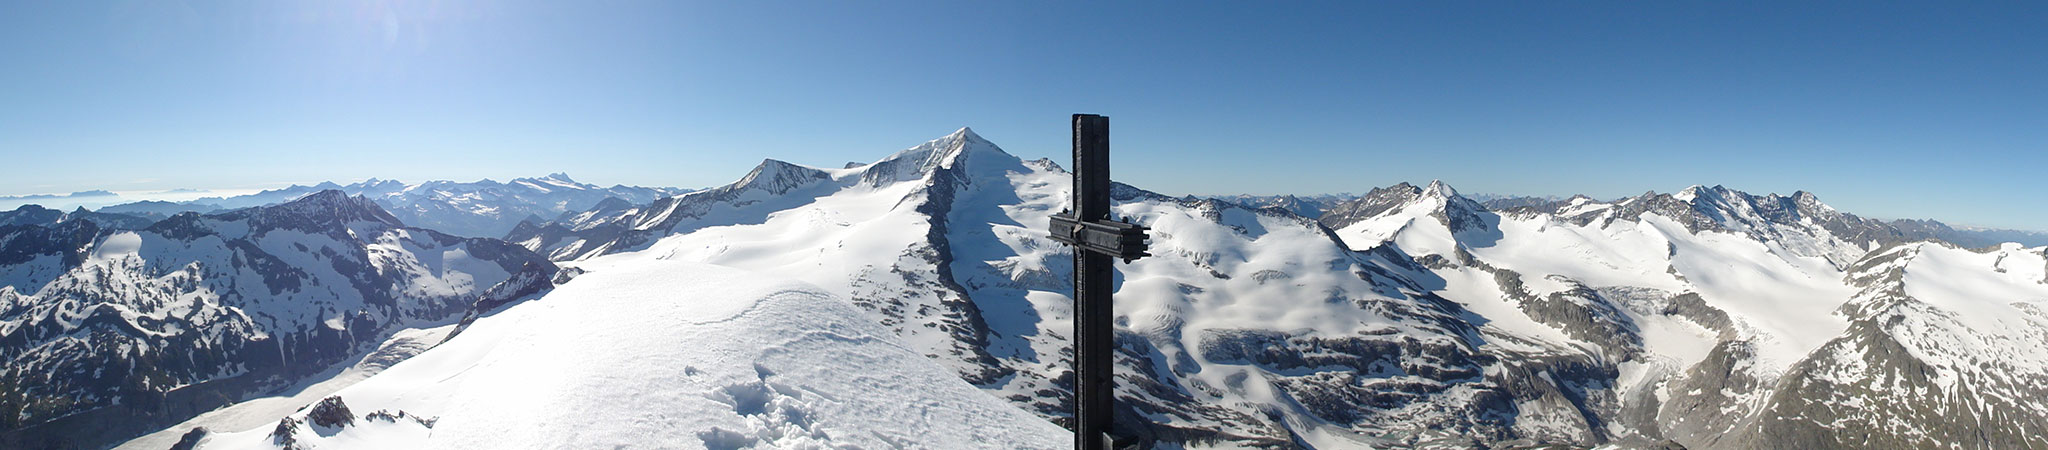 """Arnoweg: Die """"weltalte Majestät"""", der Großvenediger links vom Gipfelkreuz des Keeskogels"""